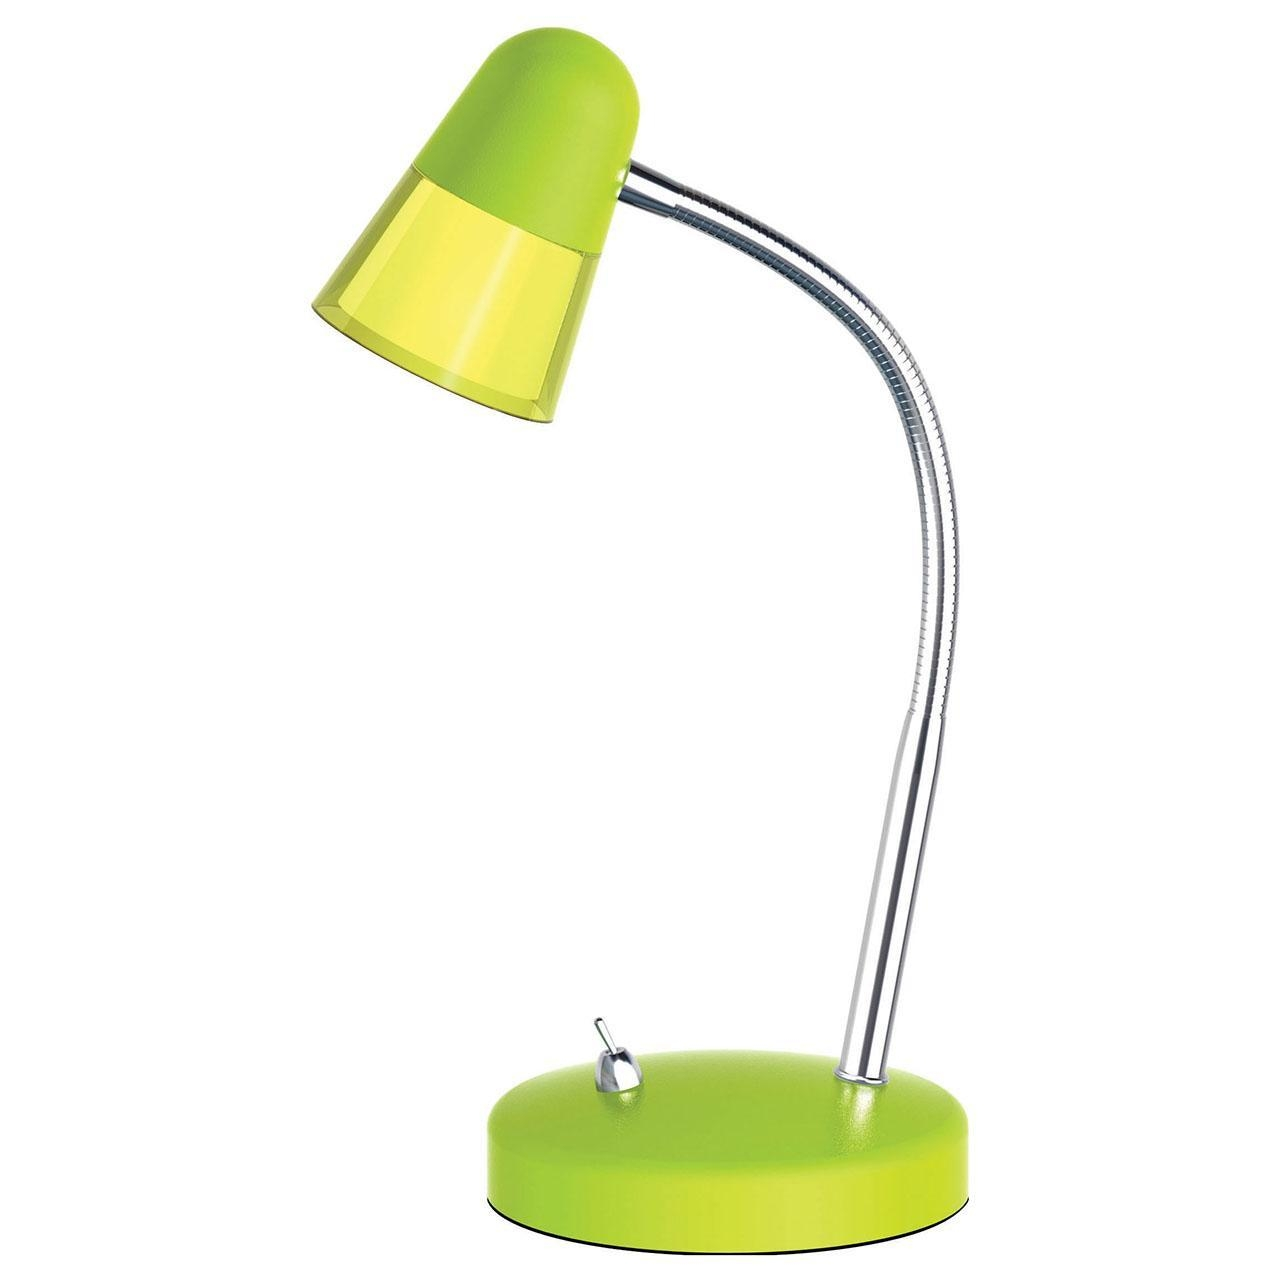 Настольная светодиодная лампа Horoz Buse зеленая 049-007-0003 (HL013L)